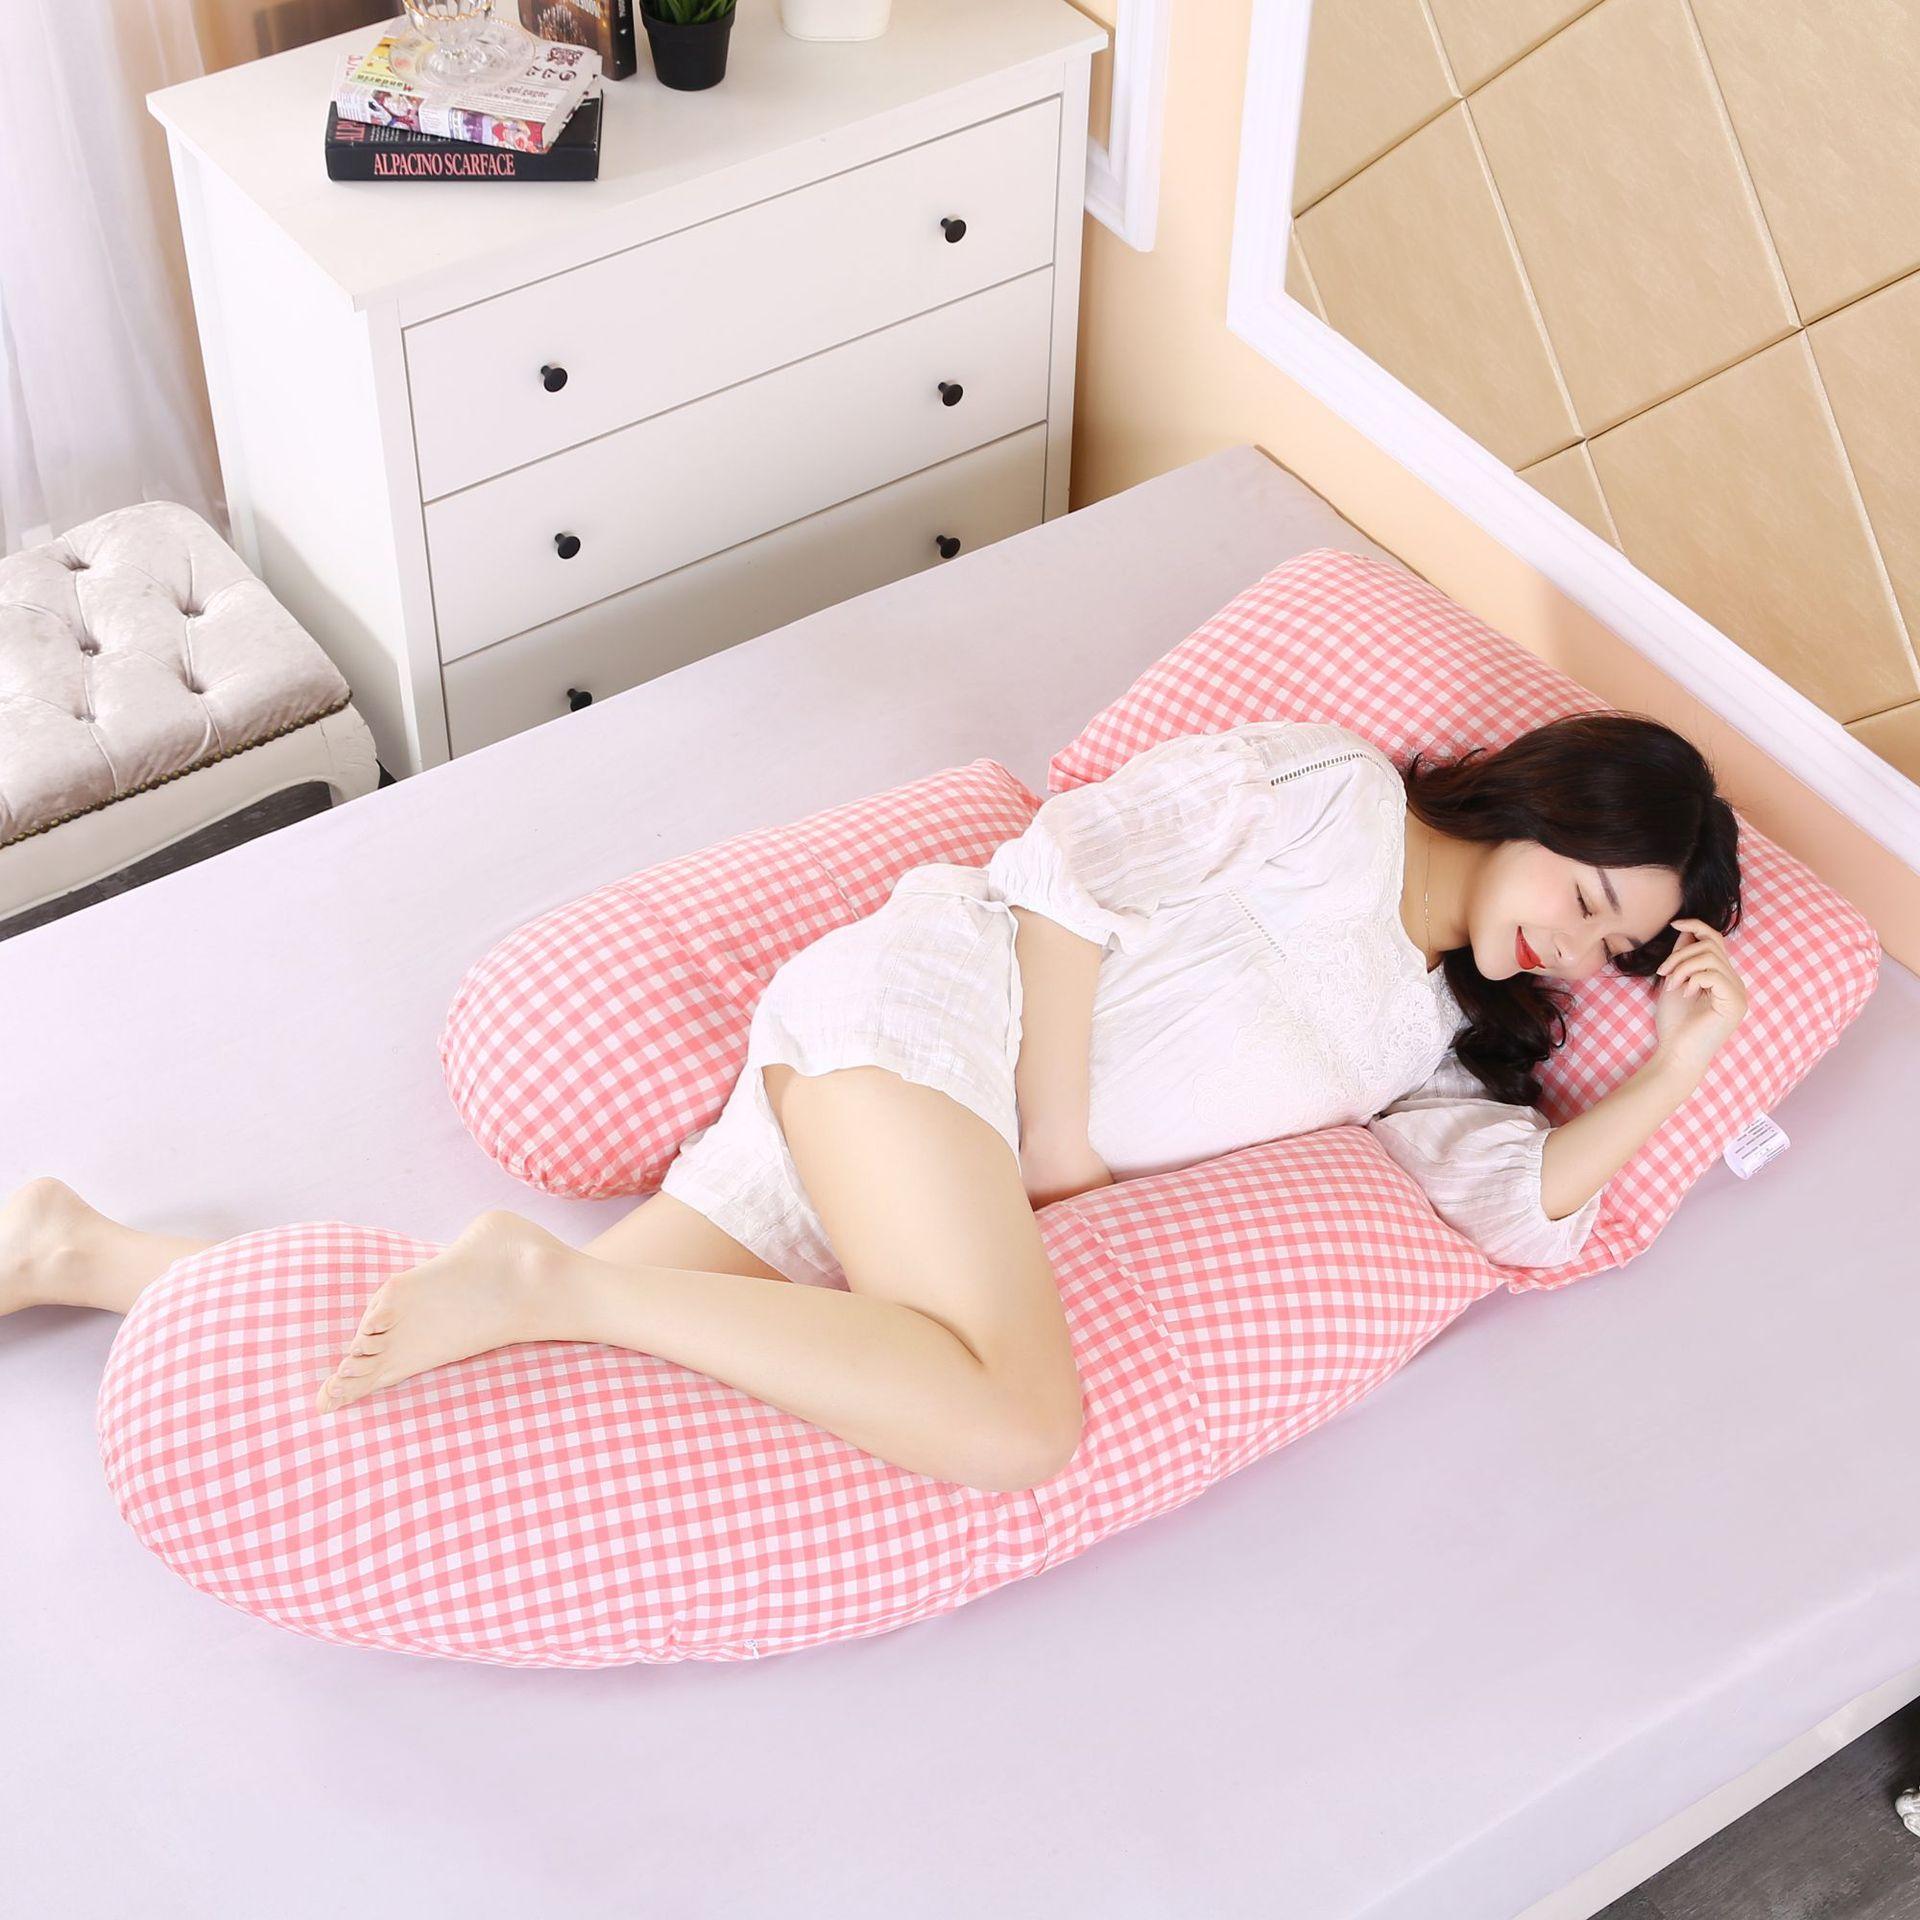 G образная Женская Подушка для беременных, подушки для кормящих, Подушка для беременных, для беременных, для сна, поддержка coussin femme enceinte